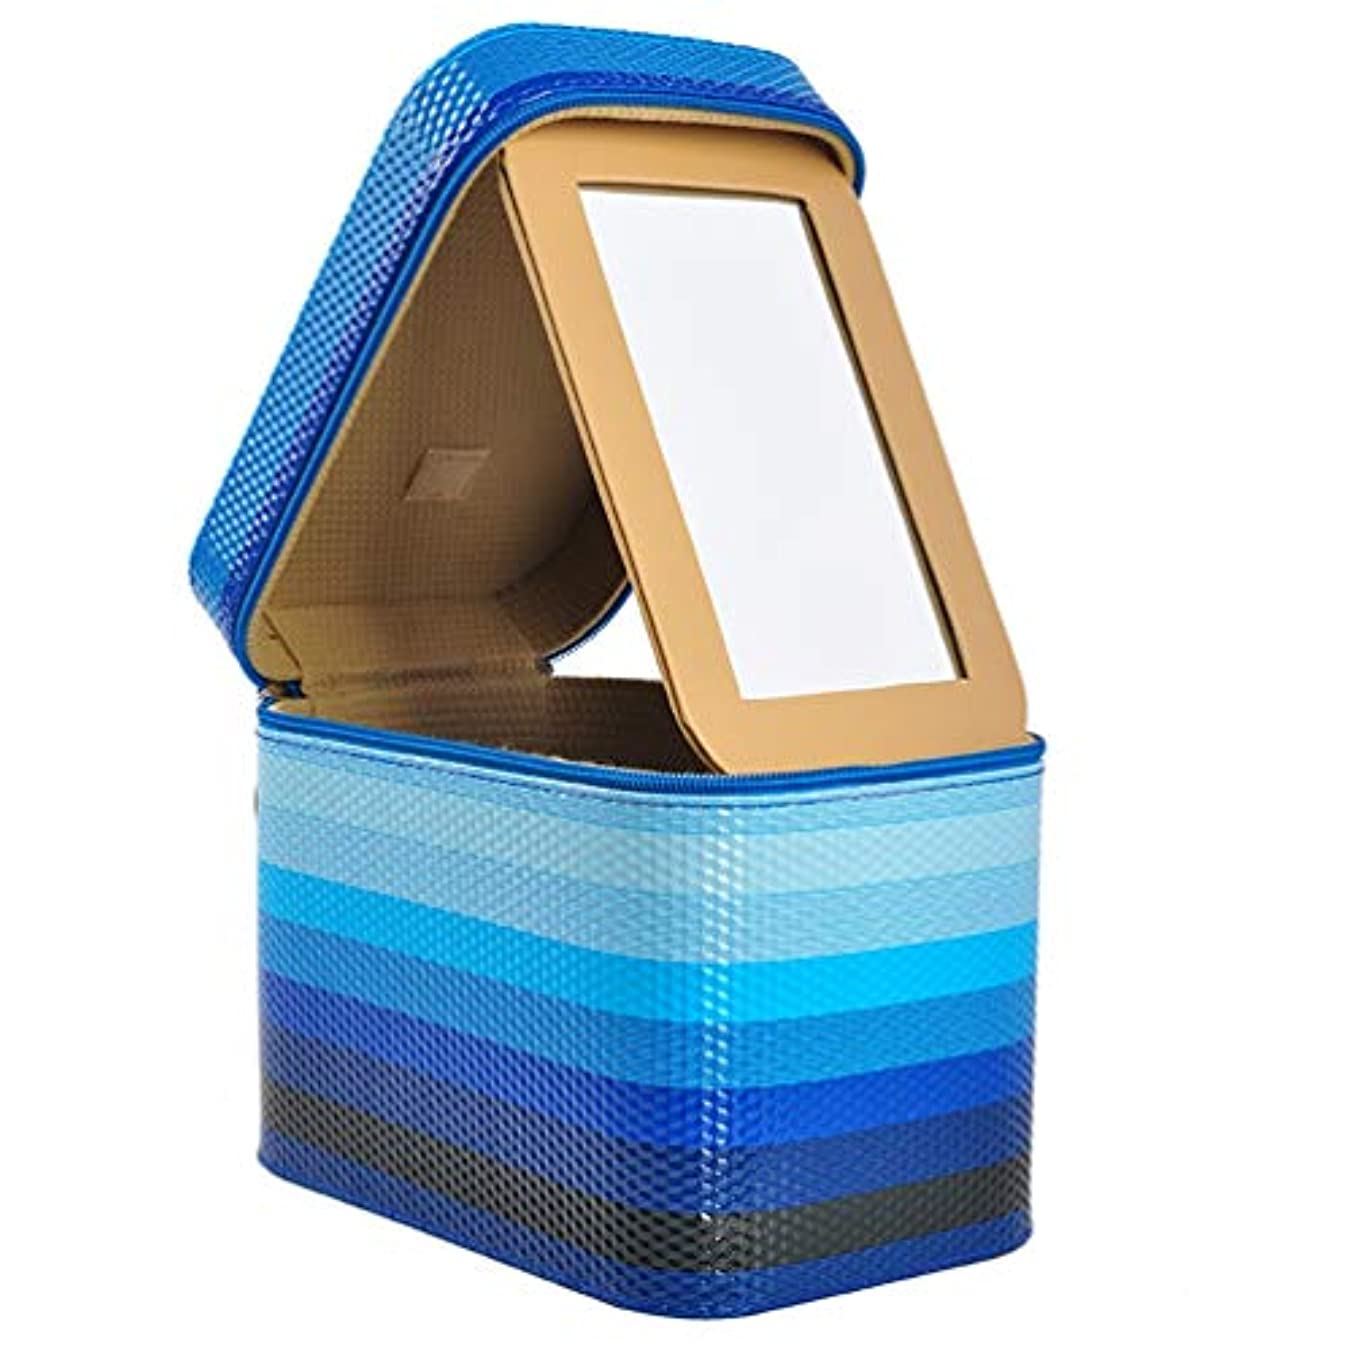 条件付き小学生モスク[カタク]メイクボックス コスメボックス 大容量 鏡付き 化粧ボックス おしゃれ 取っ手付 携帯便利 化粧道具 メイクブラシ 小物 出張 旅行 機能的 PUレザー プロ仕様 きらきら 化粧ポーチ コスメBOX